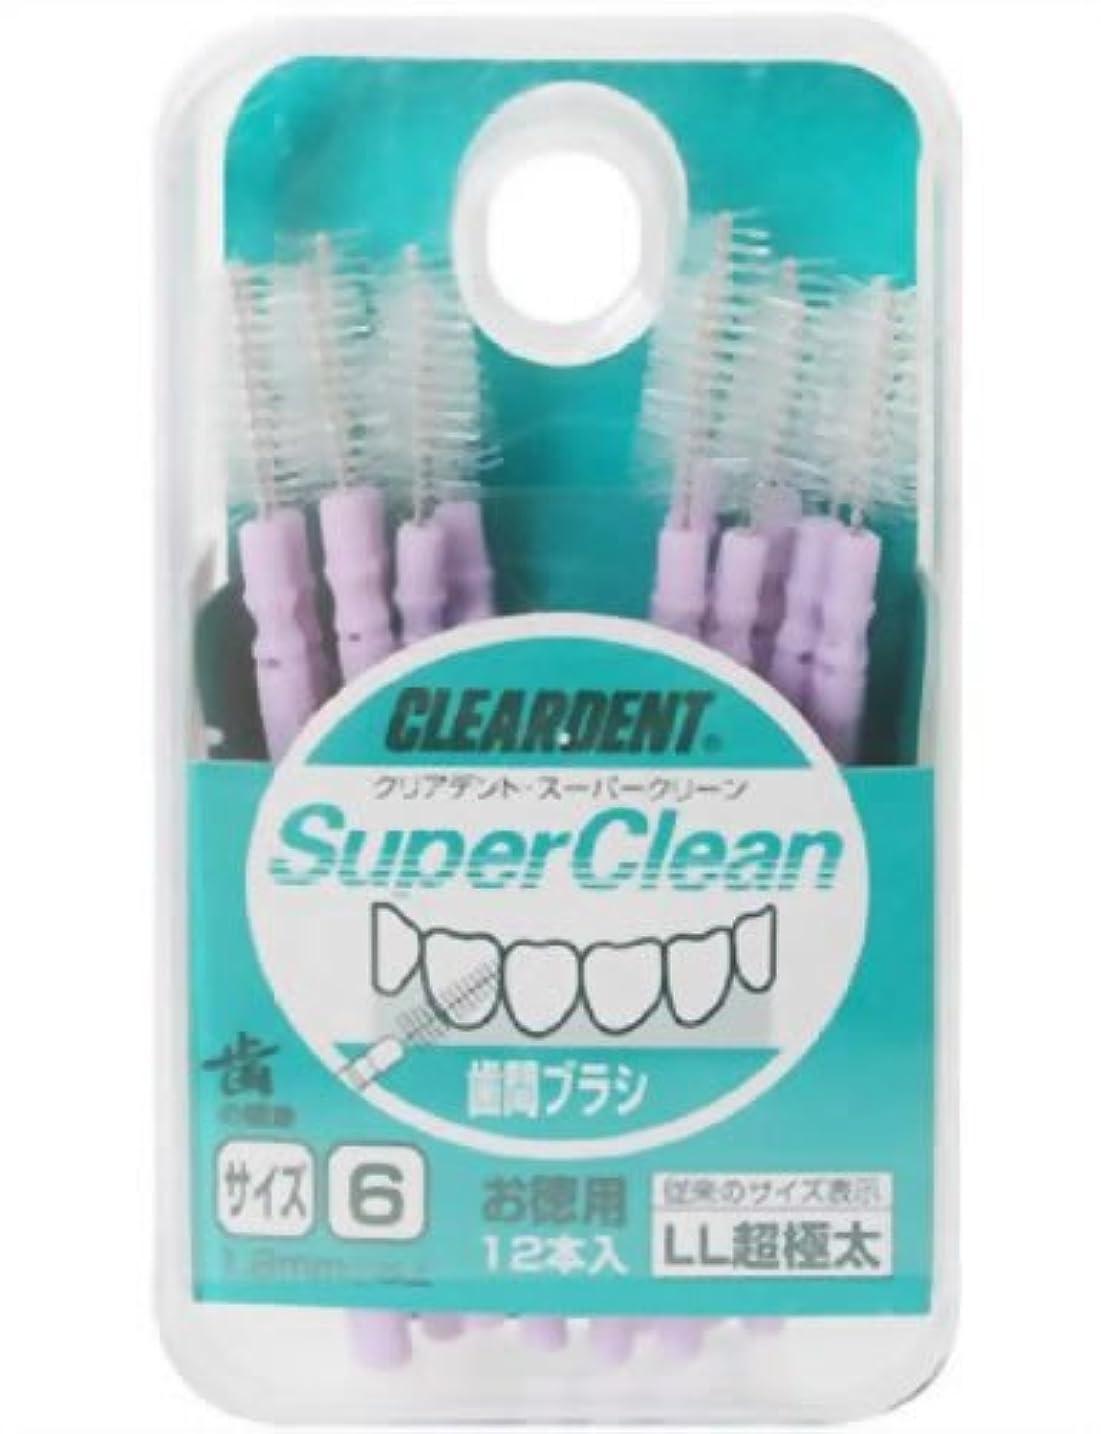 シットコムたくさんラジカルクリアデント 歯間ブラシLL極太 お徳用 サイズ6